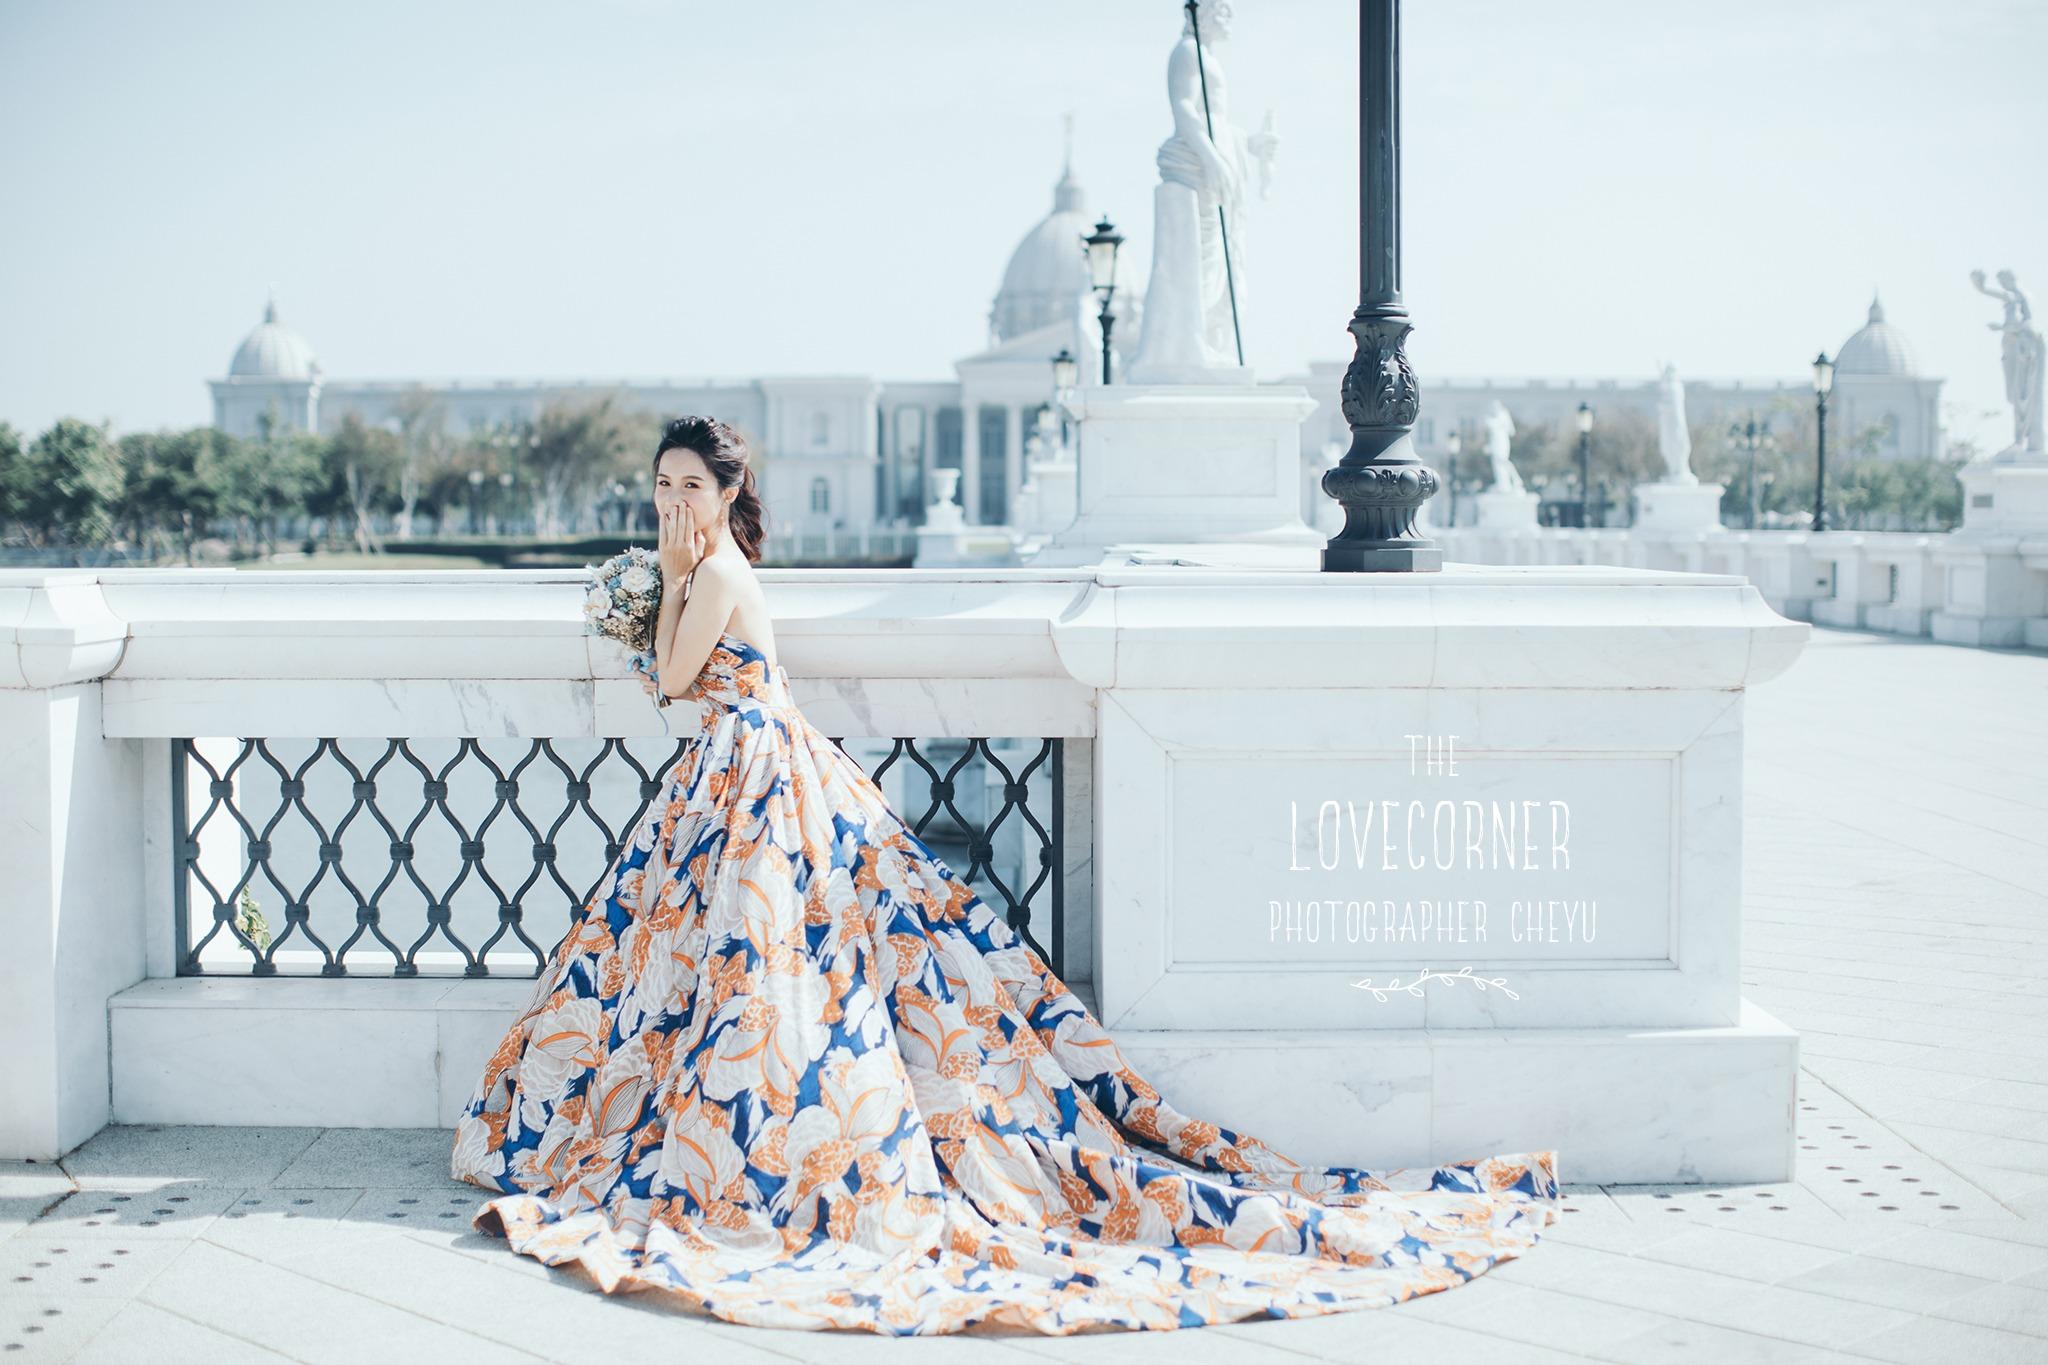 台南自助婚紗|有氛圍感的情境故事,為你呈現一場遠離塵囂的婚紗寫真inBlossom手工訂製婚紗